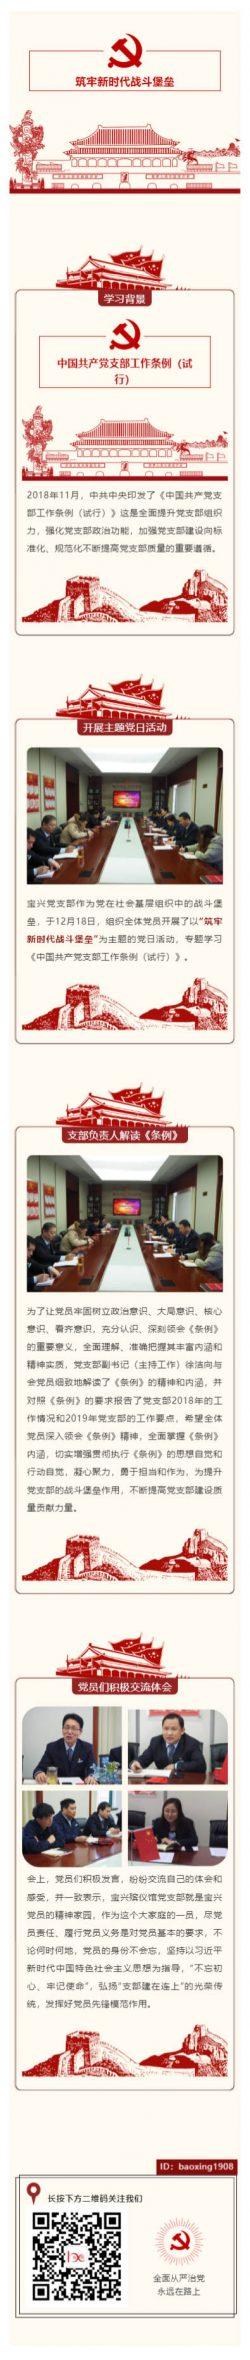 中国共产党支部工作条例党支部政治两会素材模板